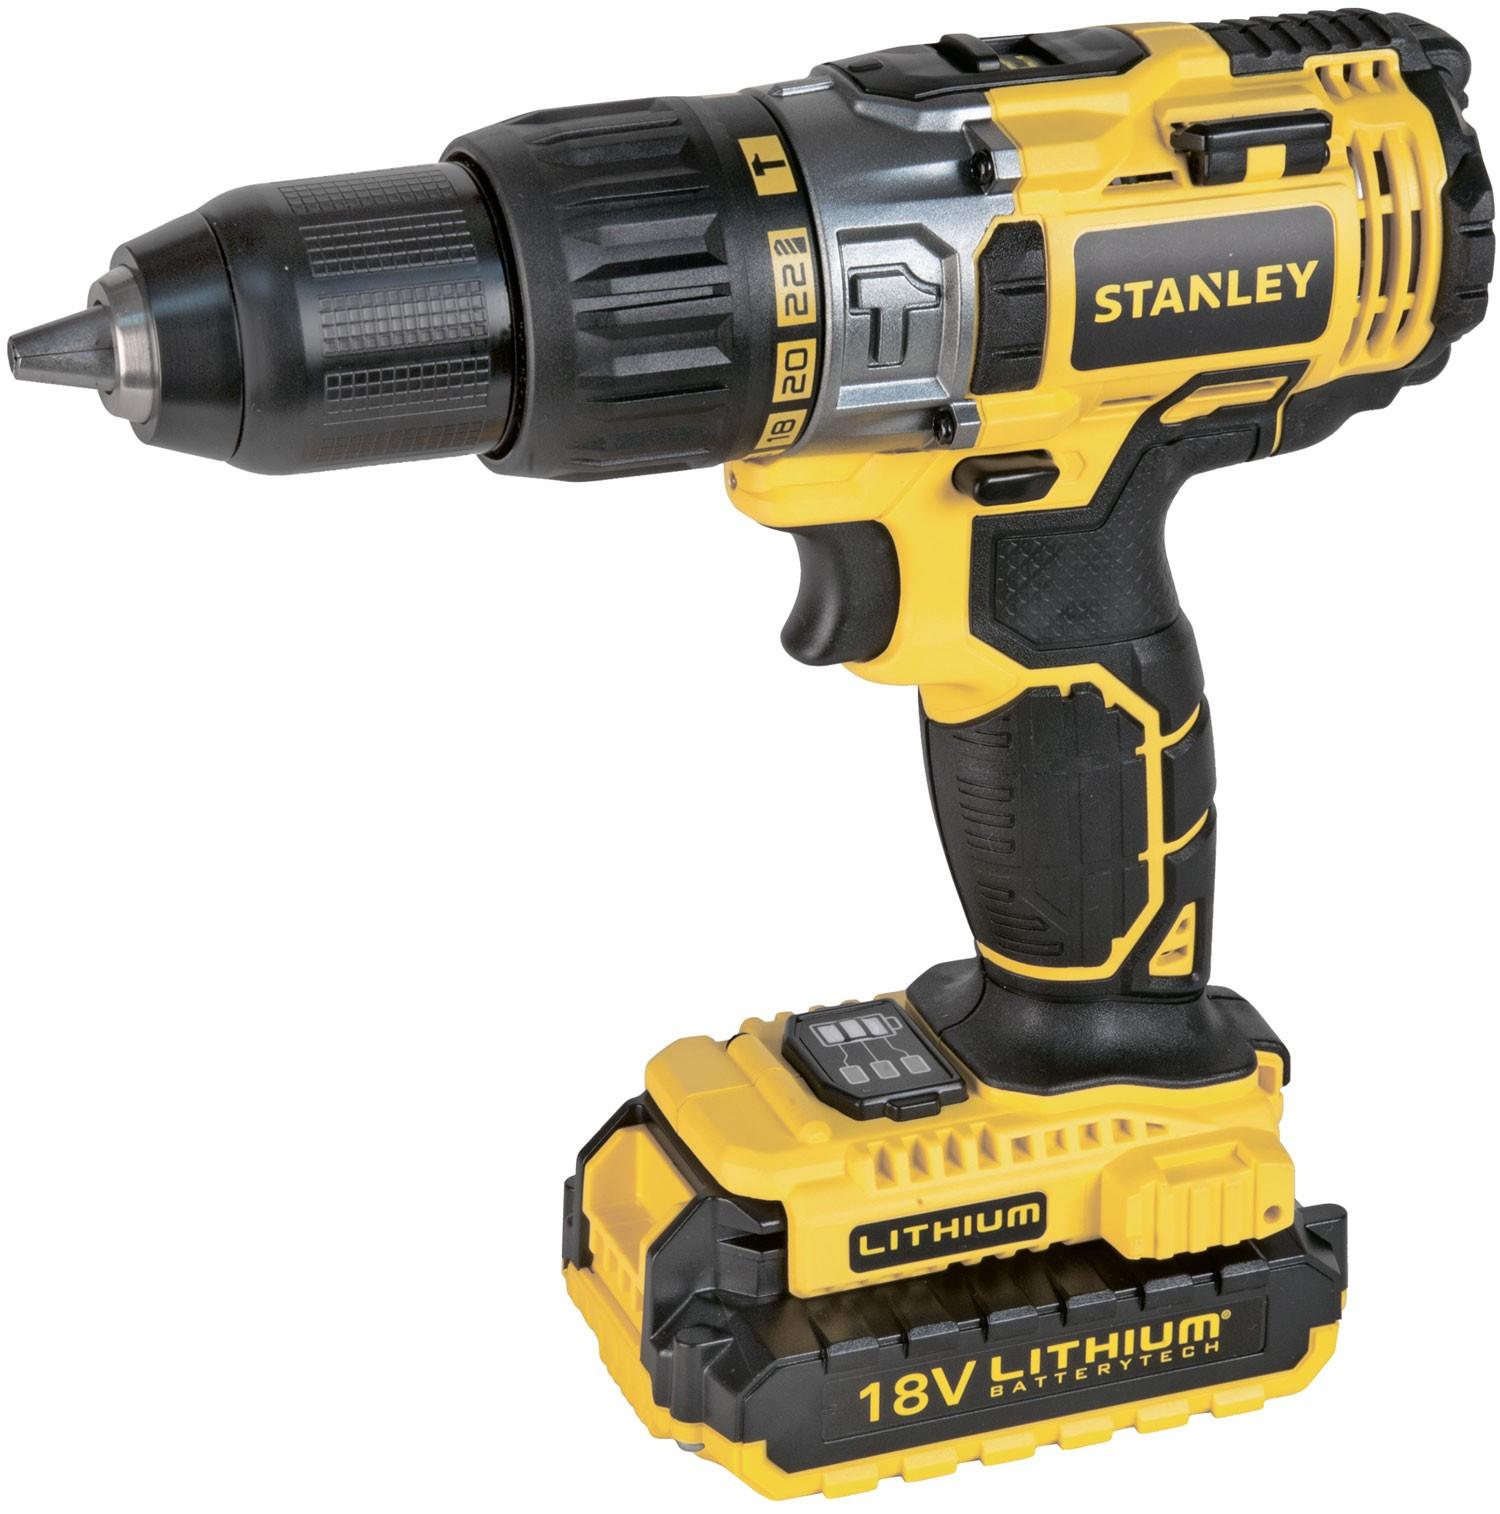 Stanley STDC18LHBK-RU - дрель-шуруповерт (Yellow)